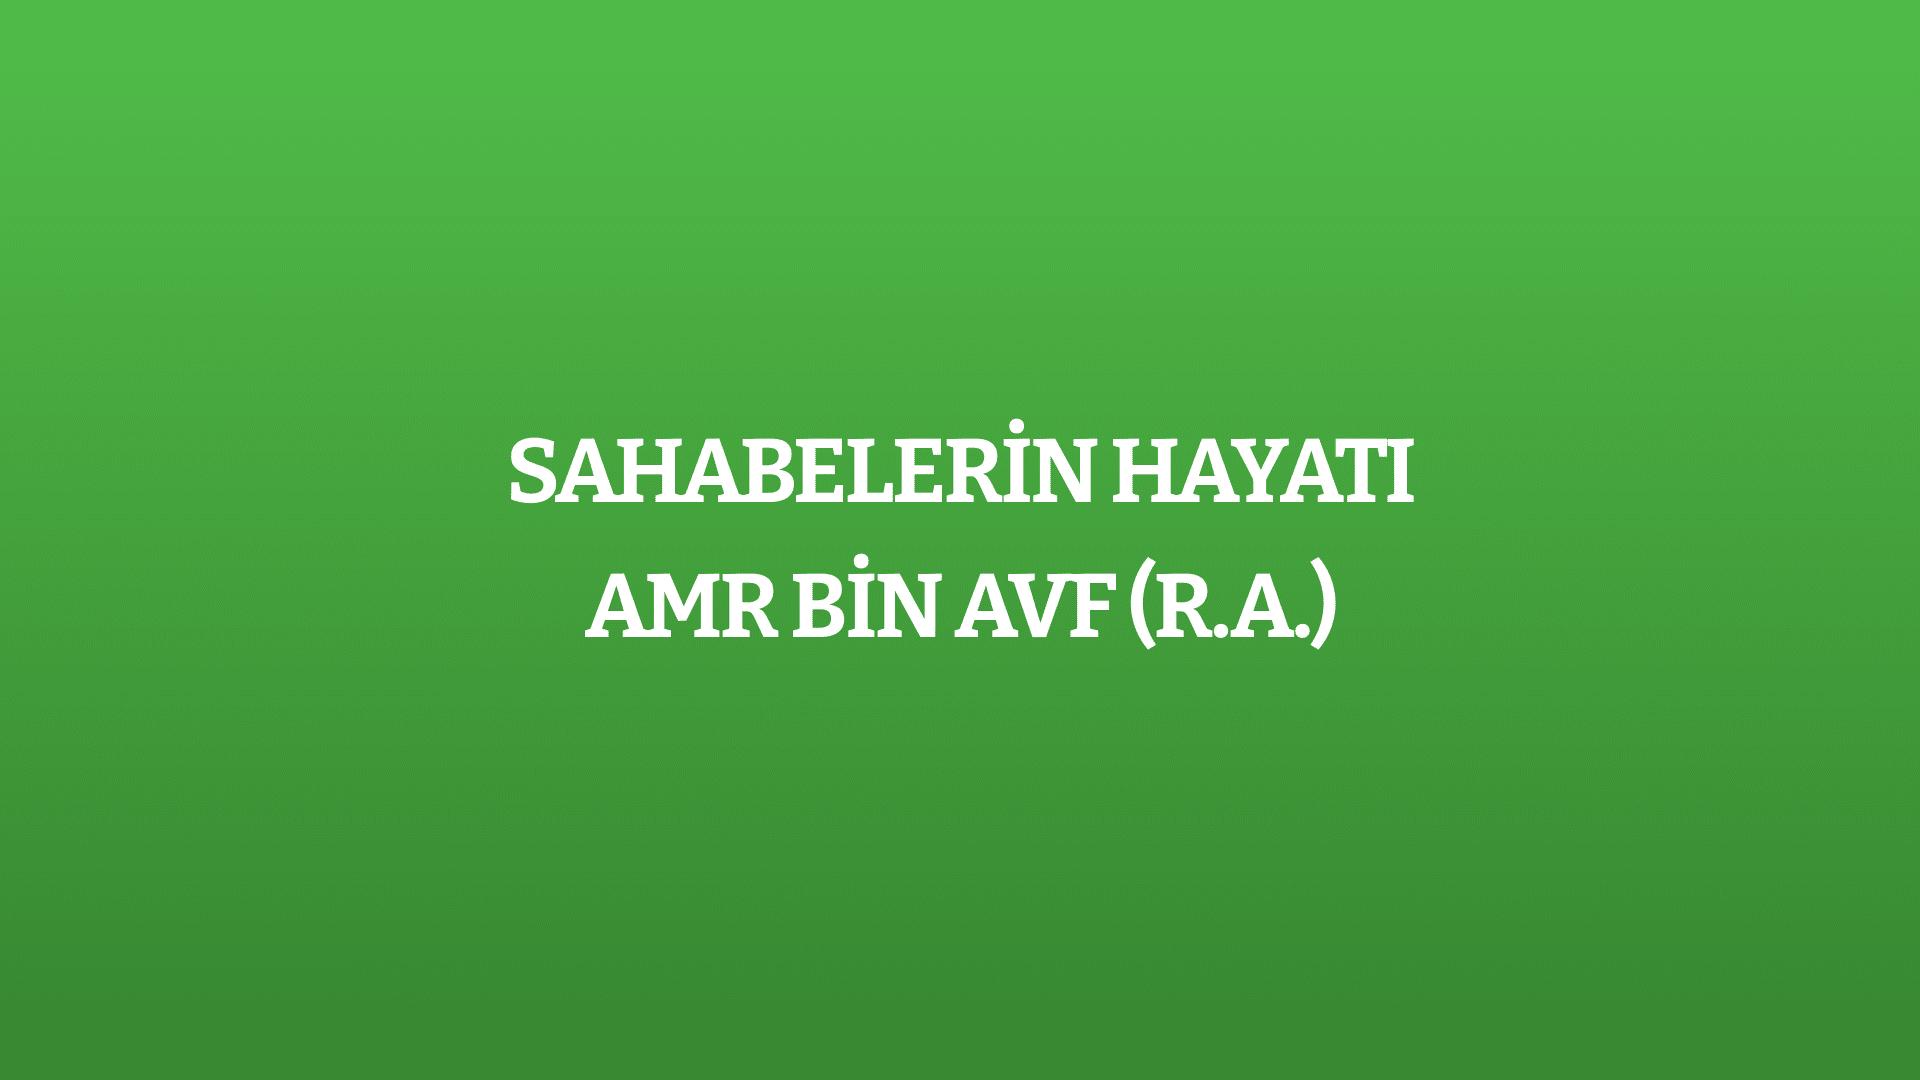 Amr bin Avf (r.a.)